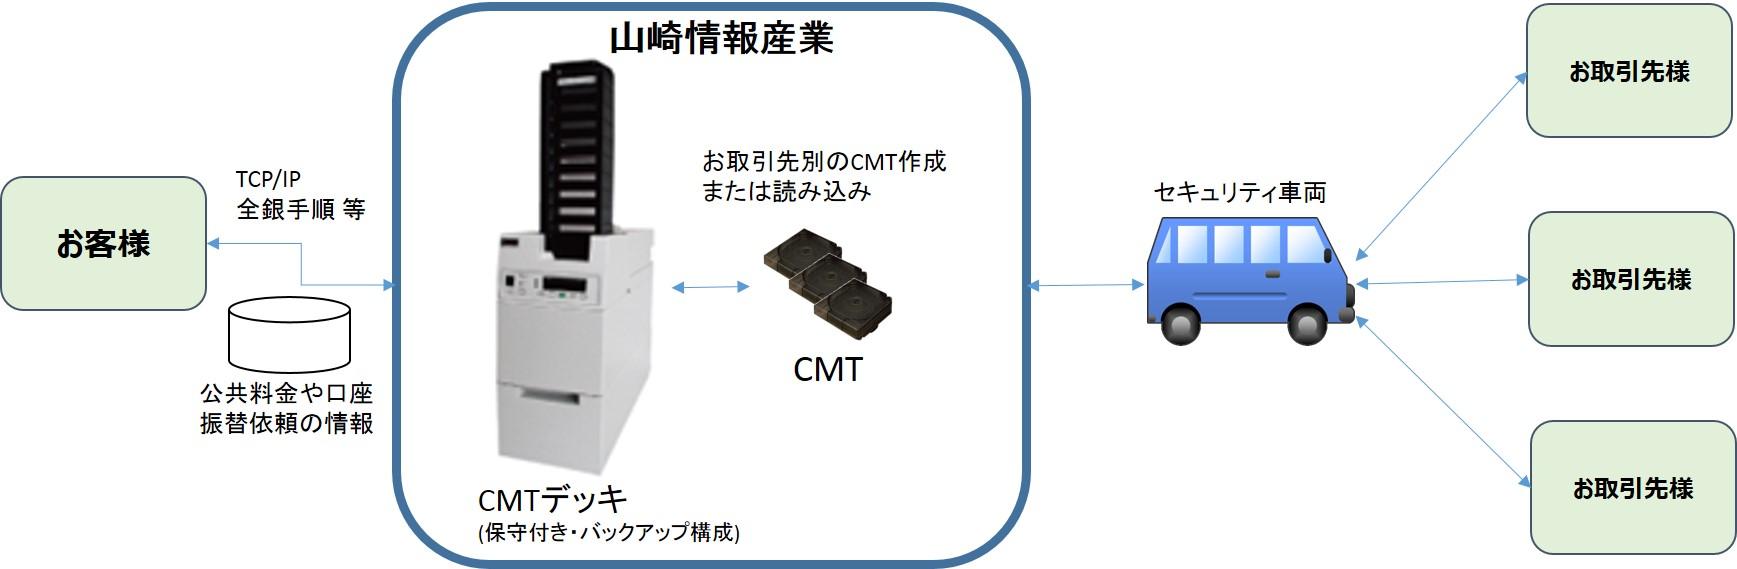 CMTメディア作成サービス